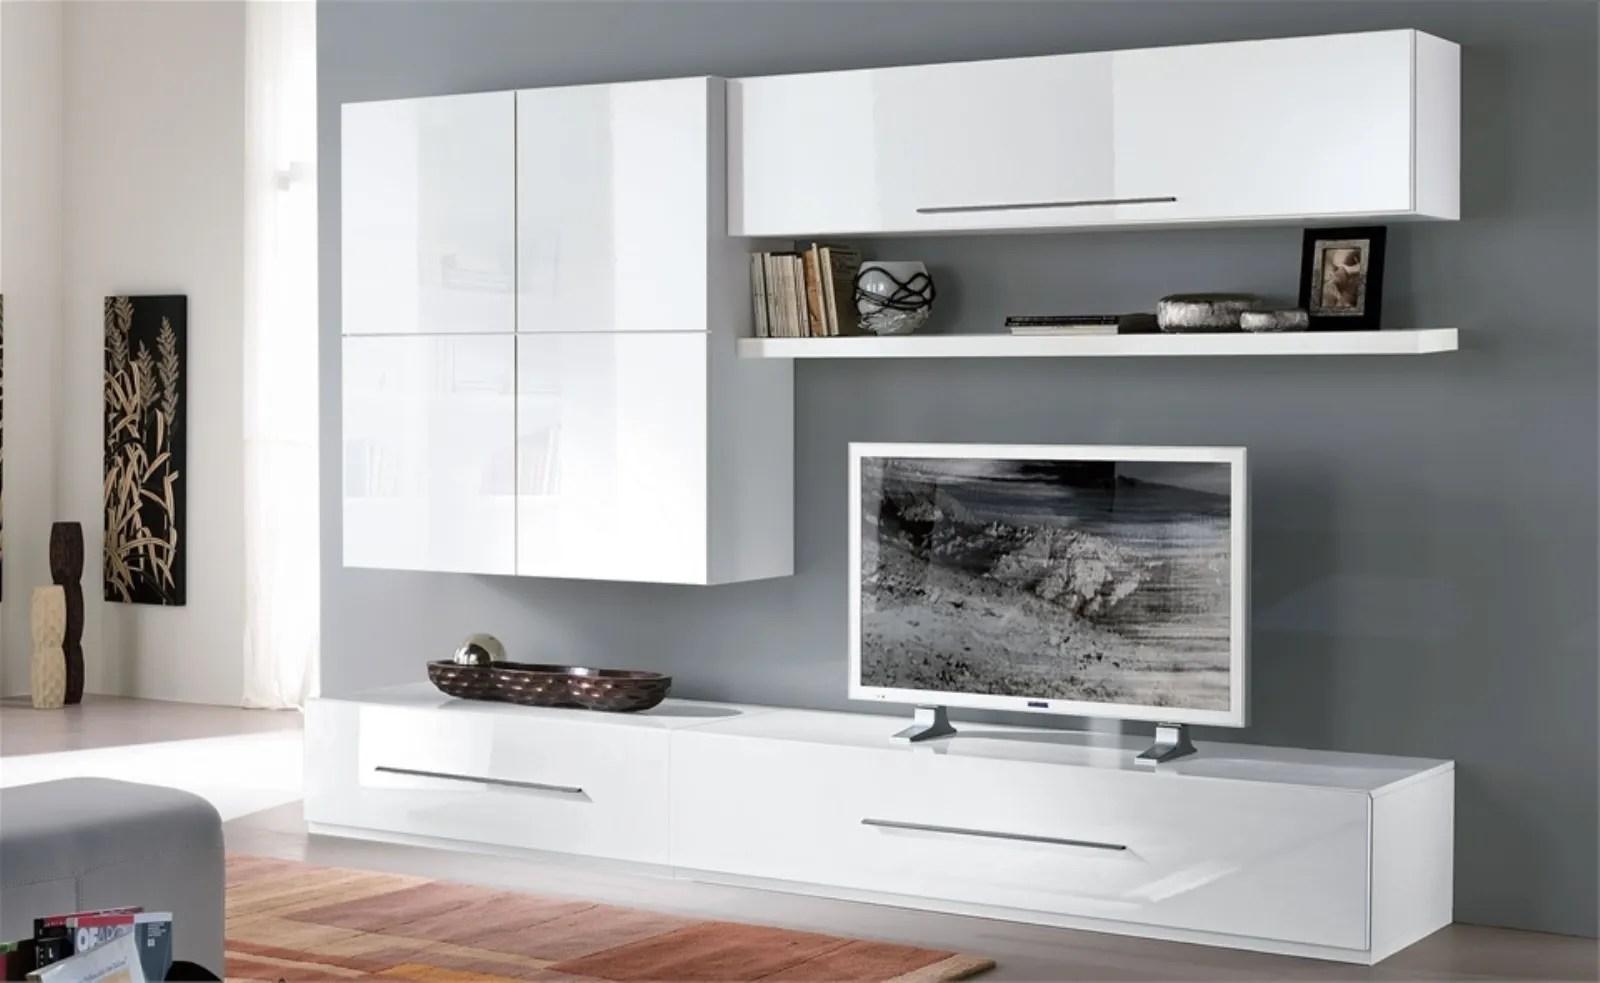 Le pareti attrezzate, grazie ai loro pensili, permettono di creare spazio dove riporre libri ed altri oggetti, oltre che offrire un piano per la tv. Mobili Per Tv Economici